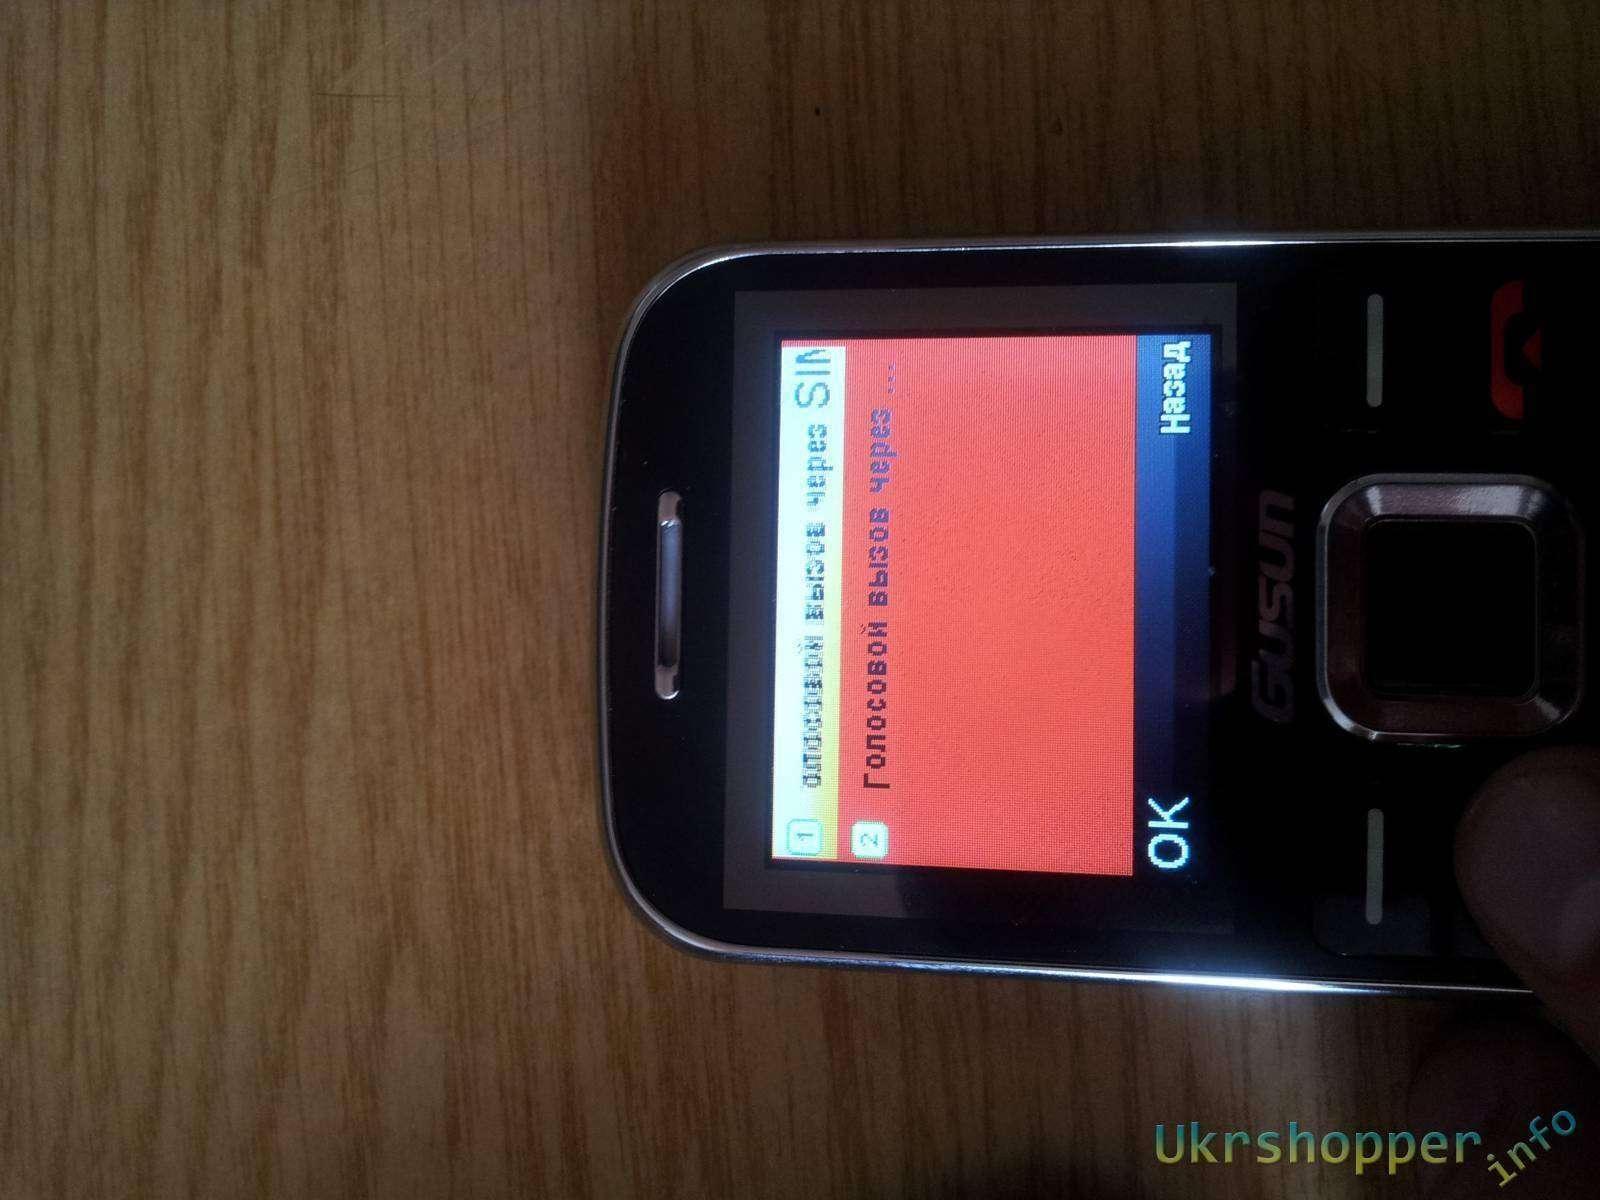 Comebuy.com: Обзор телефона для пожилых людей (бабушкофон) или для охоты-рыбалки Gusun F10